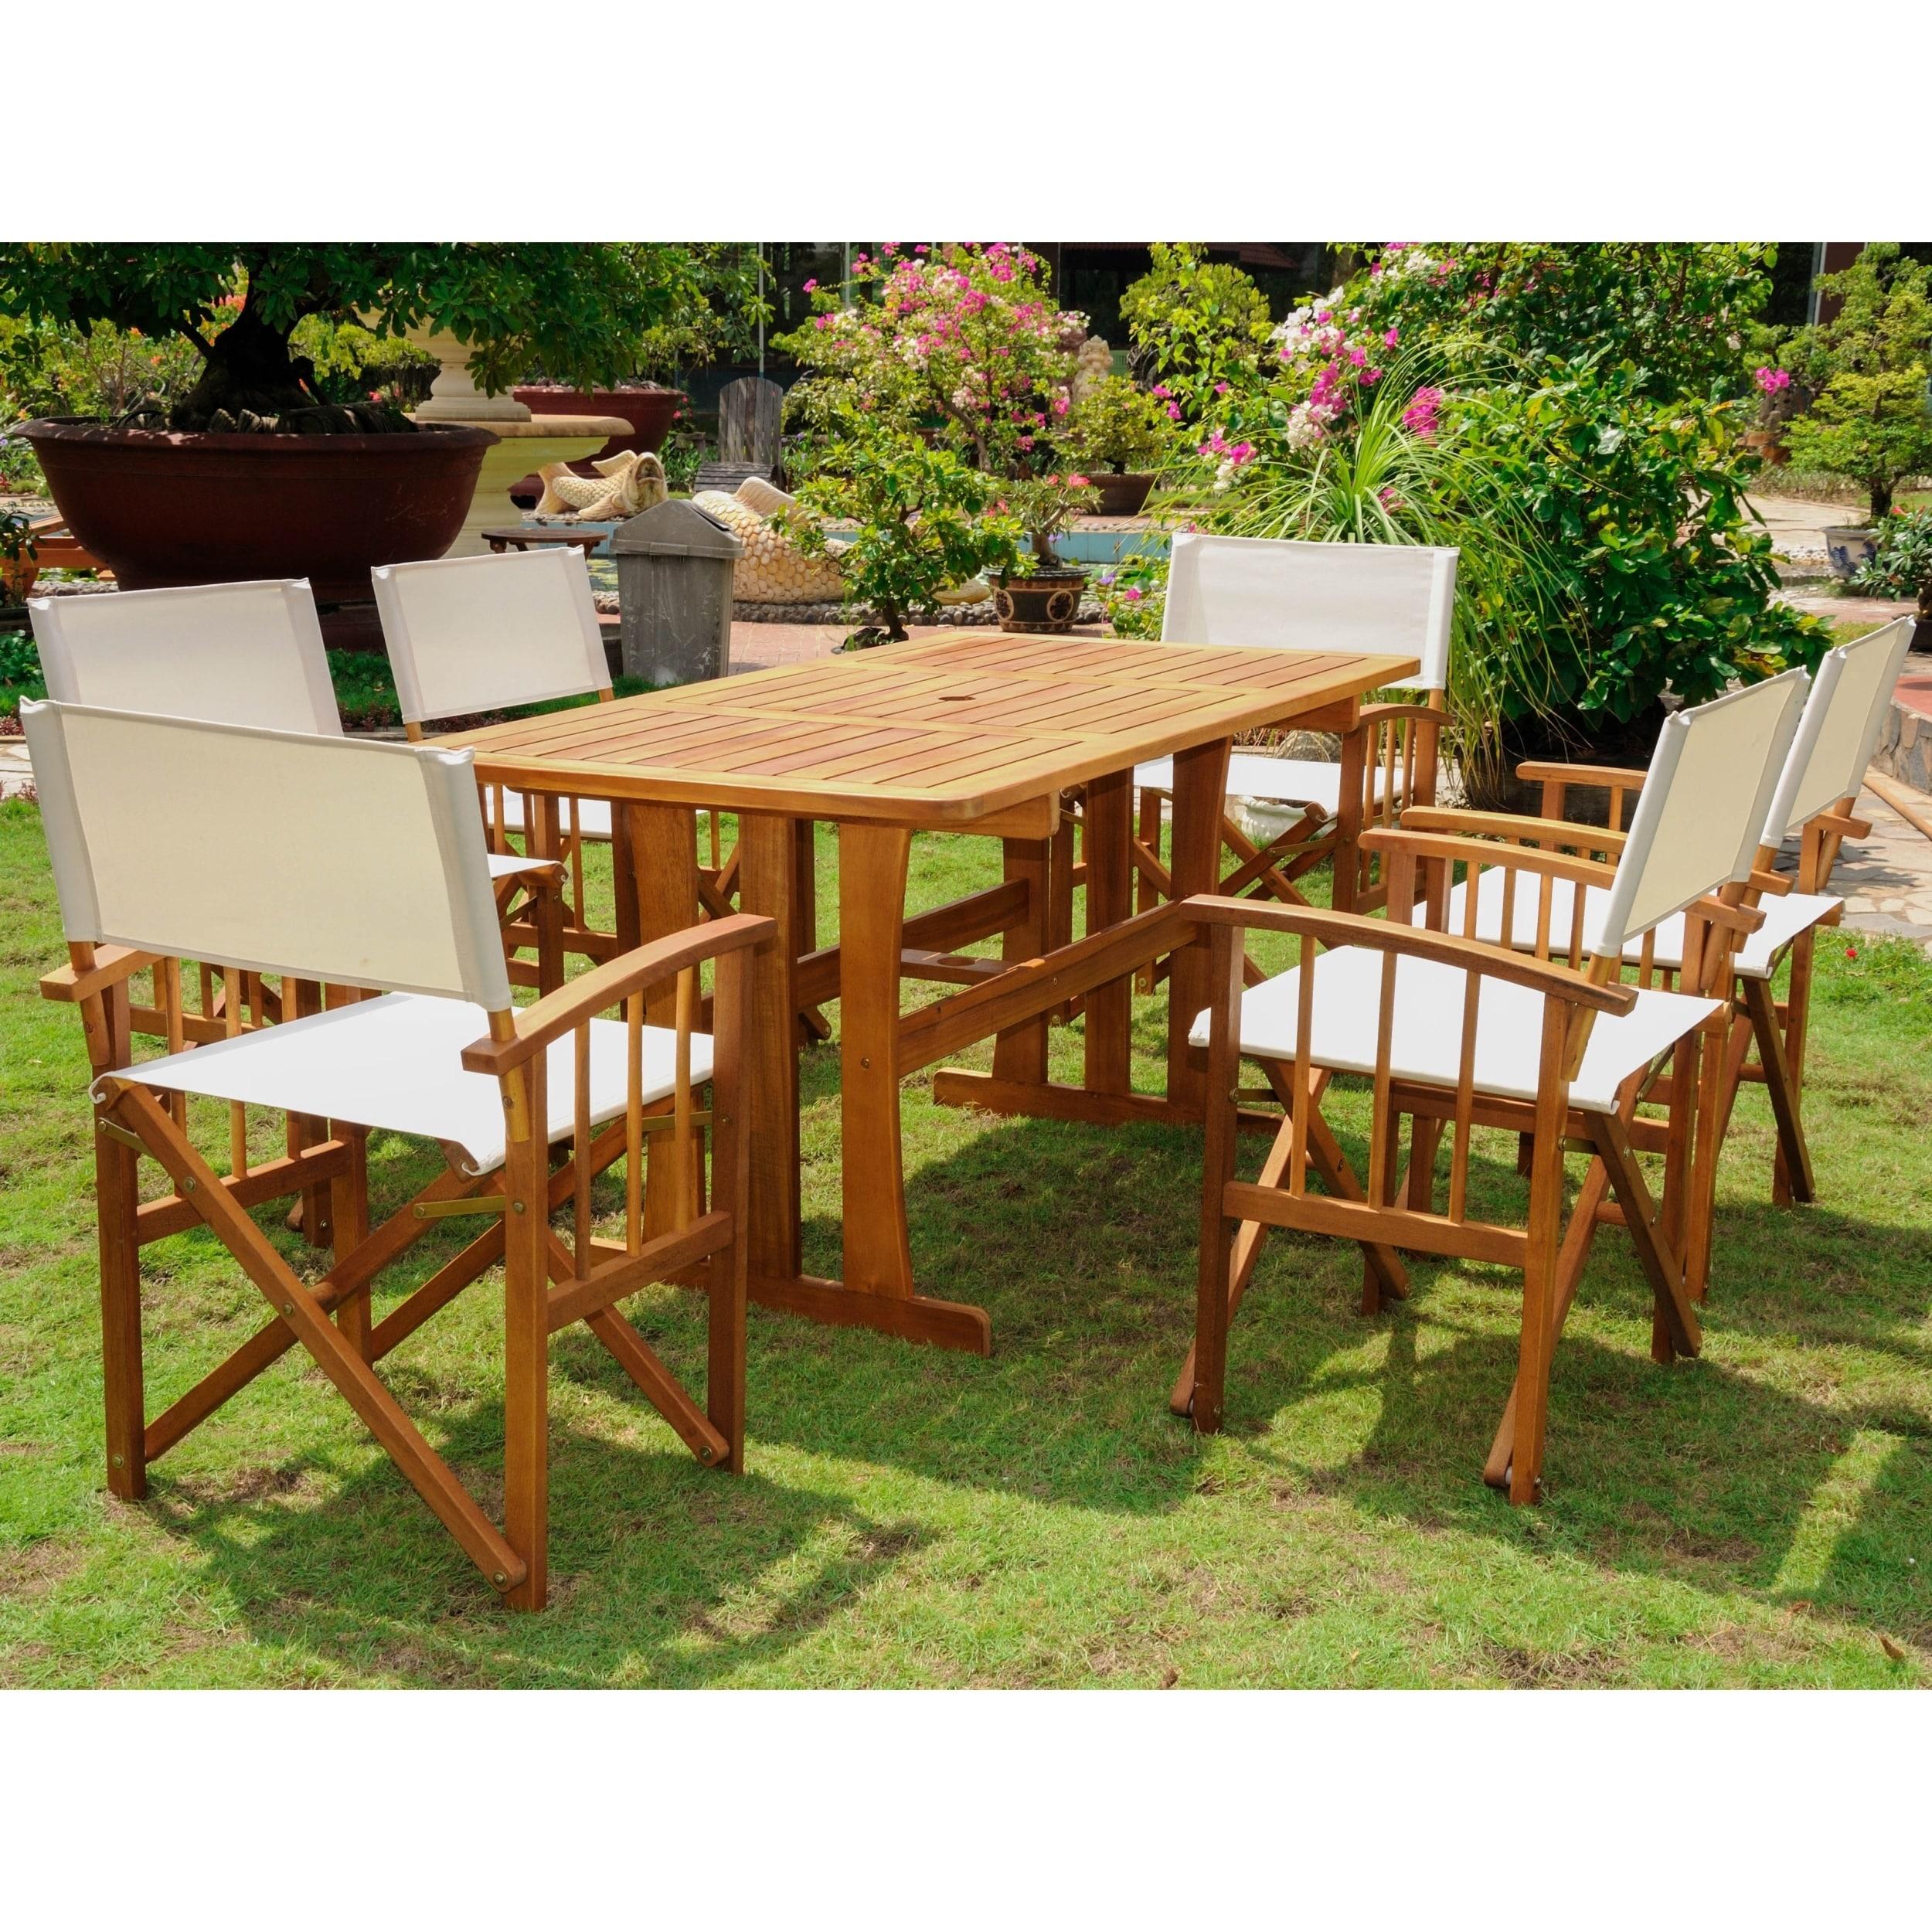 International Caravan Messina Acacia Hardwood Brown Outdoor 7-piece Dining Set at Sears.com